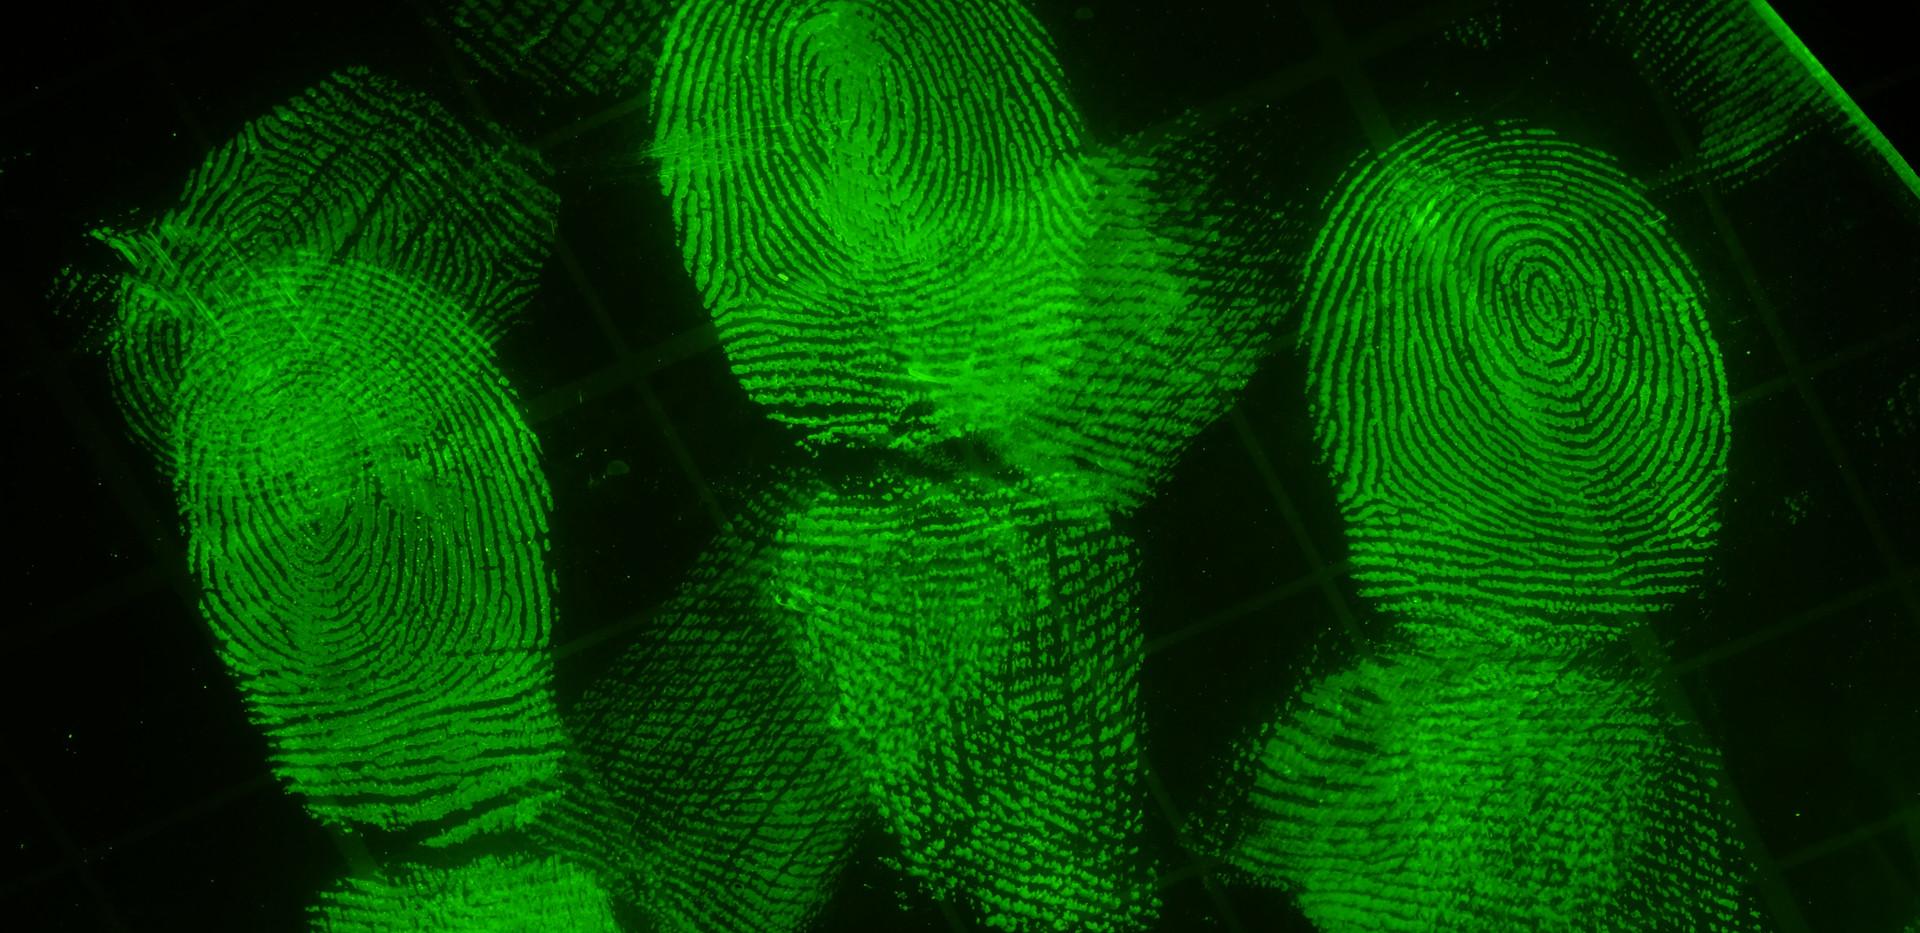 Fingerprints on Ziplock Bag